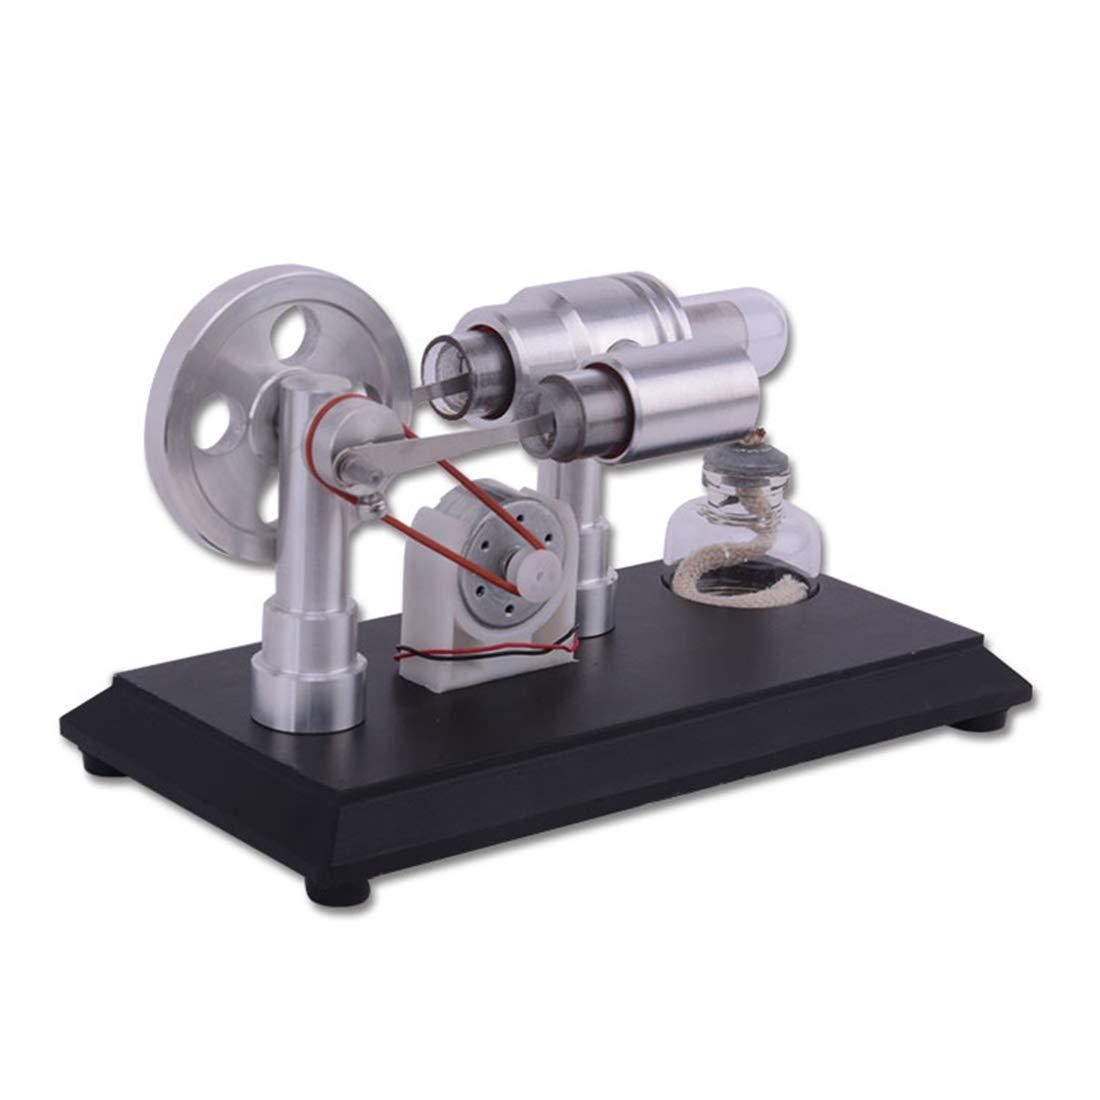 Doble Cilindro Stirling Engine Kit con Generador Ciencias Educativos Juguetes YVSoo Motor Stirling